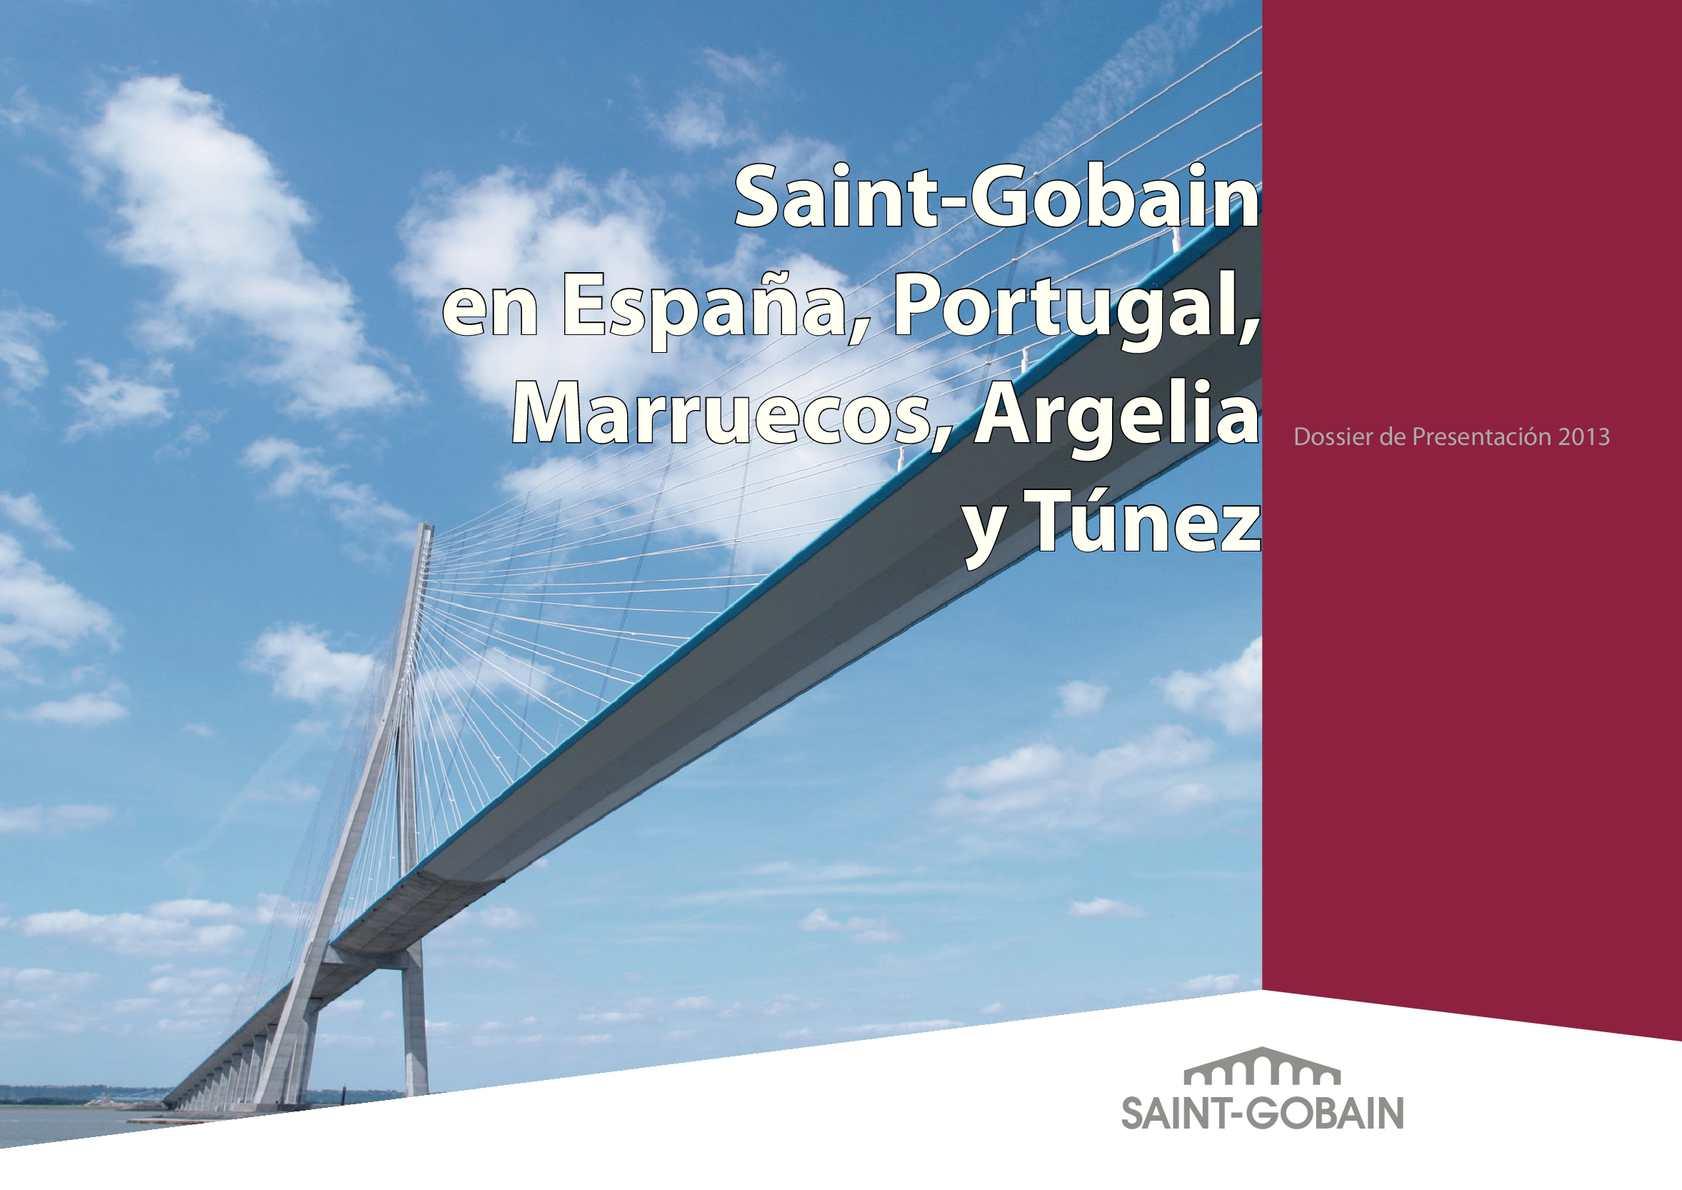 calam o saint gobain en espa a portugal marruecos